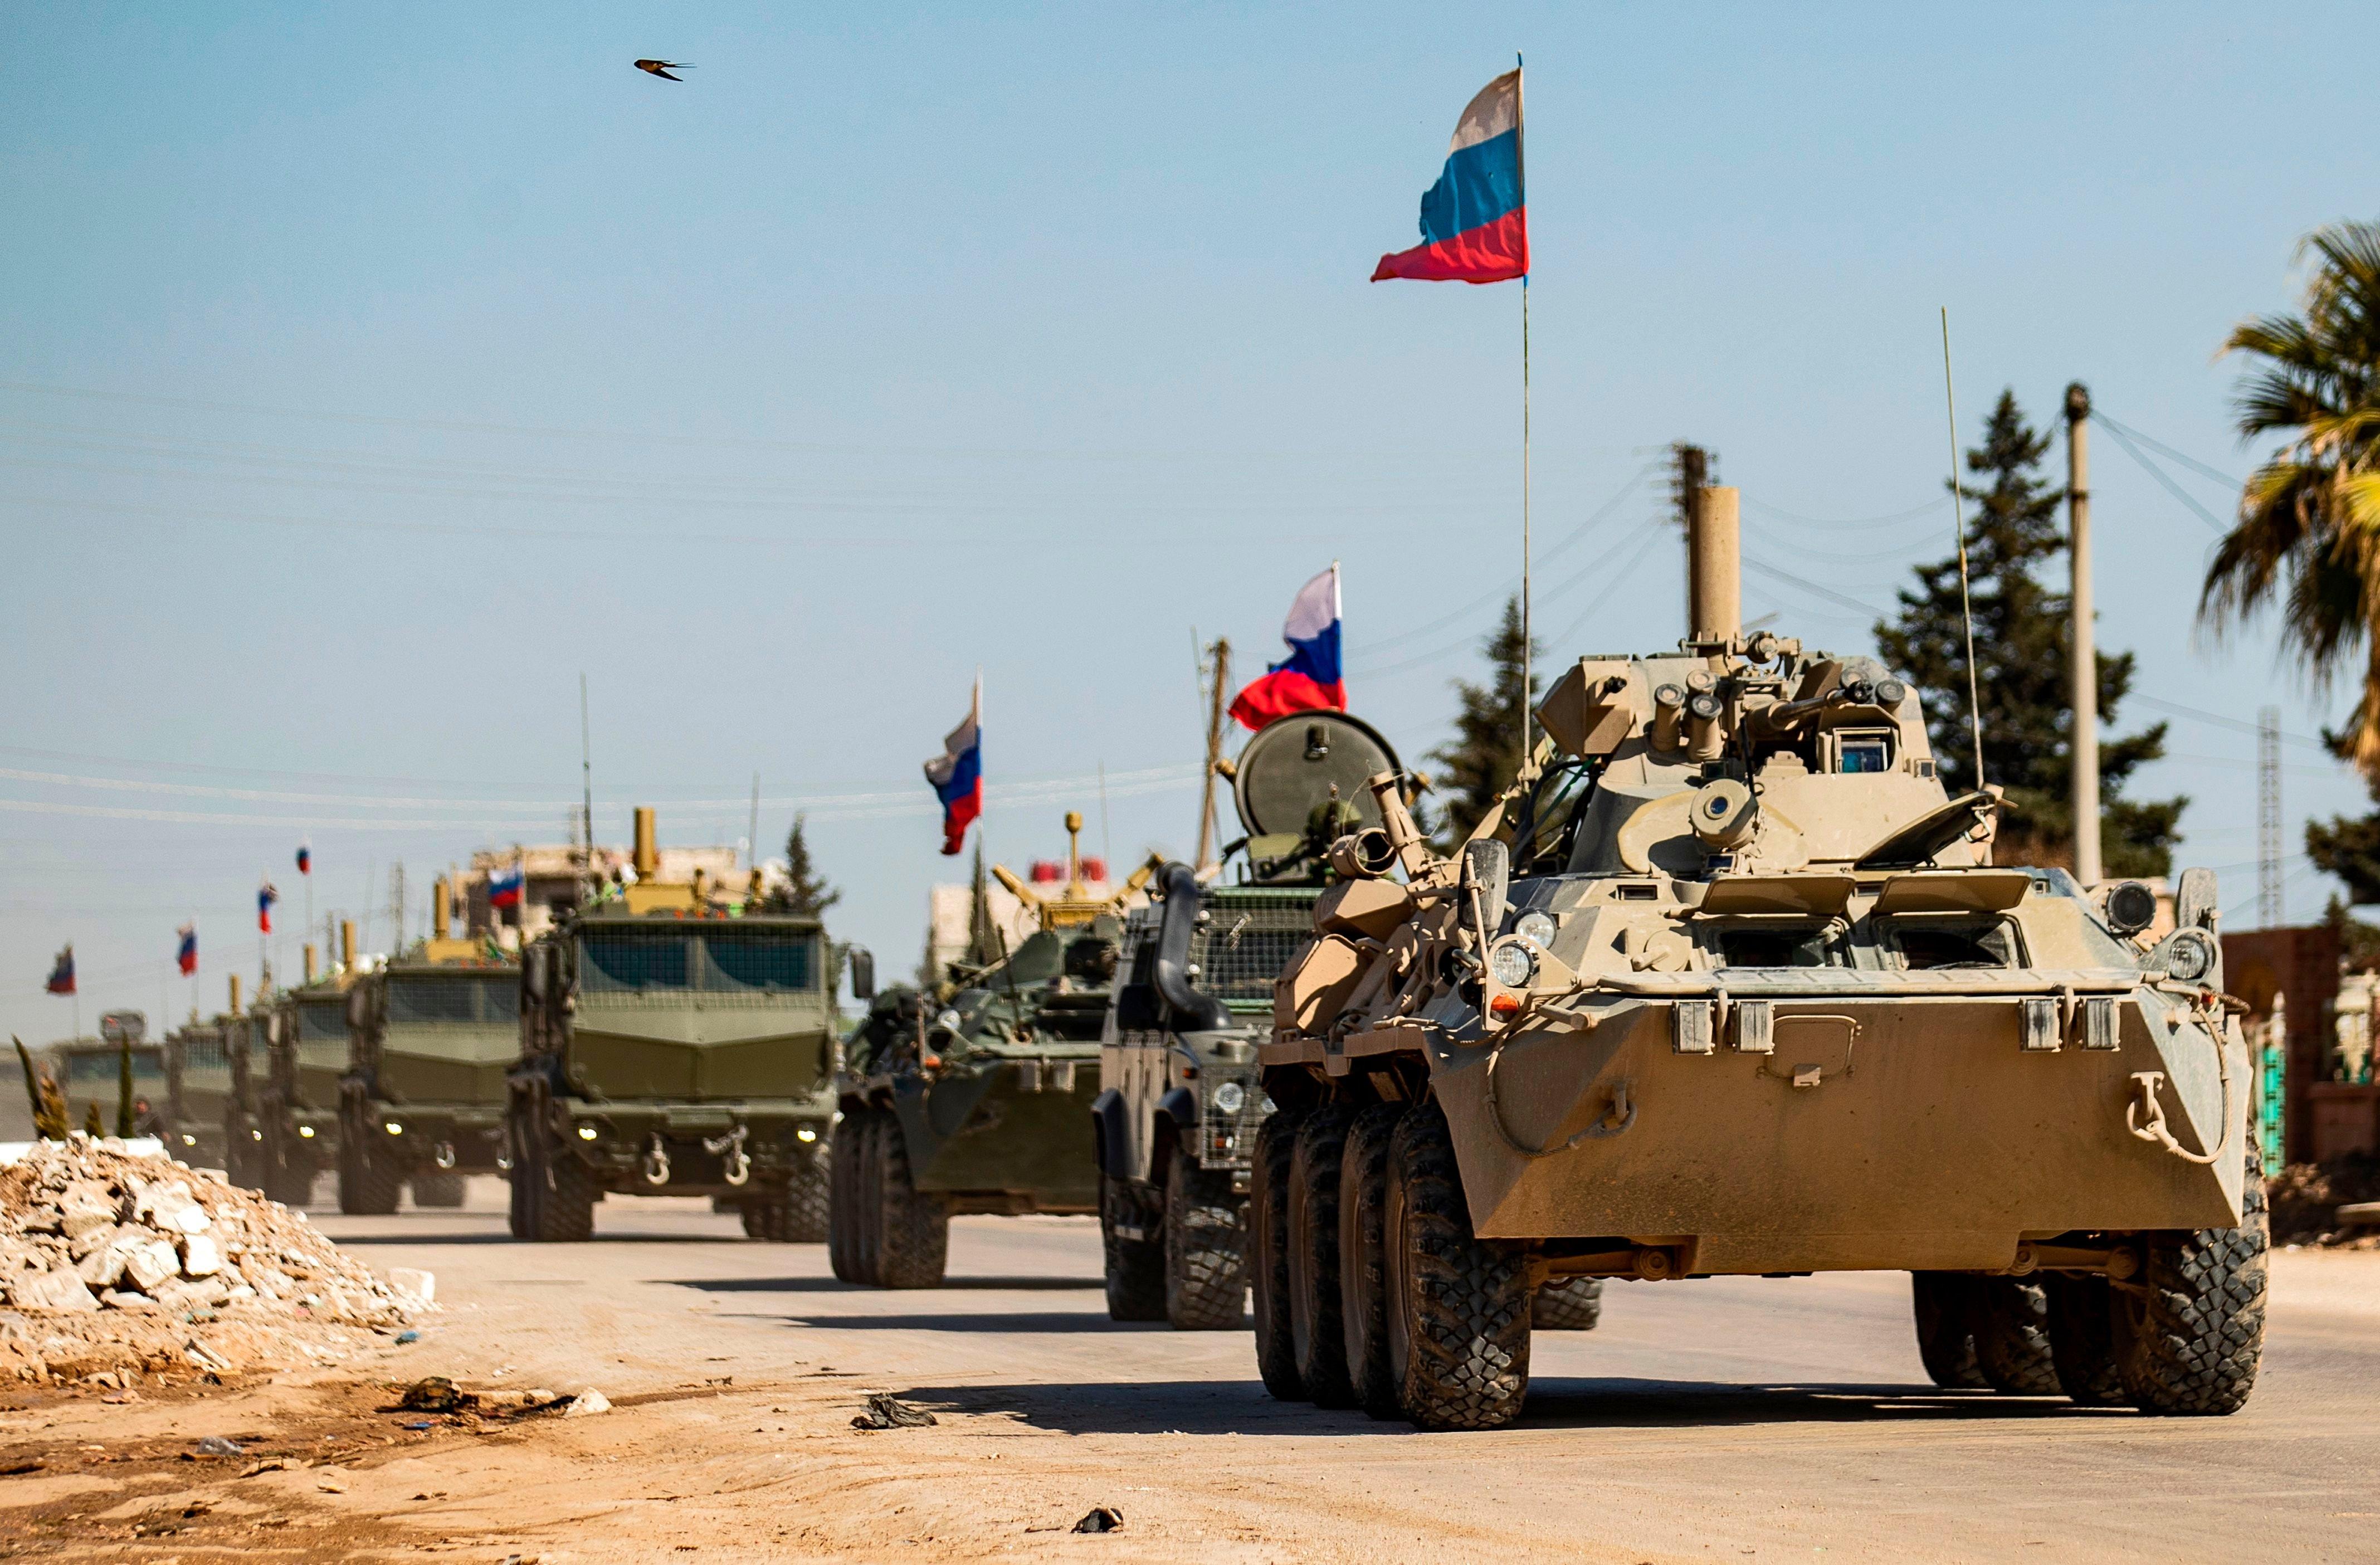 Rusya'dan helikopter saldırısının ardından Rojava'ya askeri takviye!